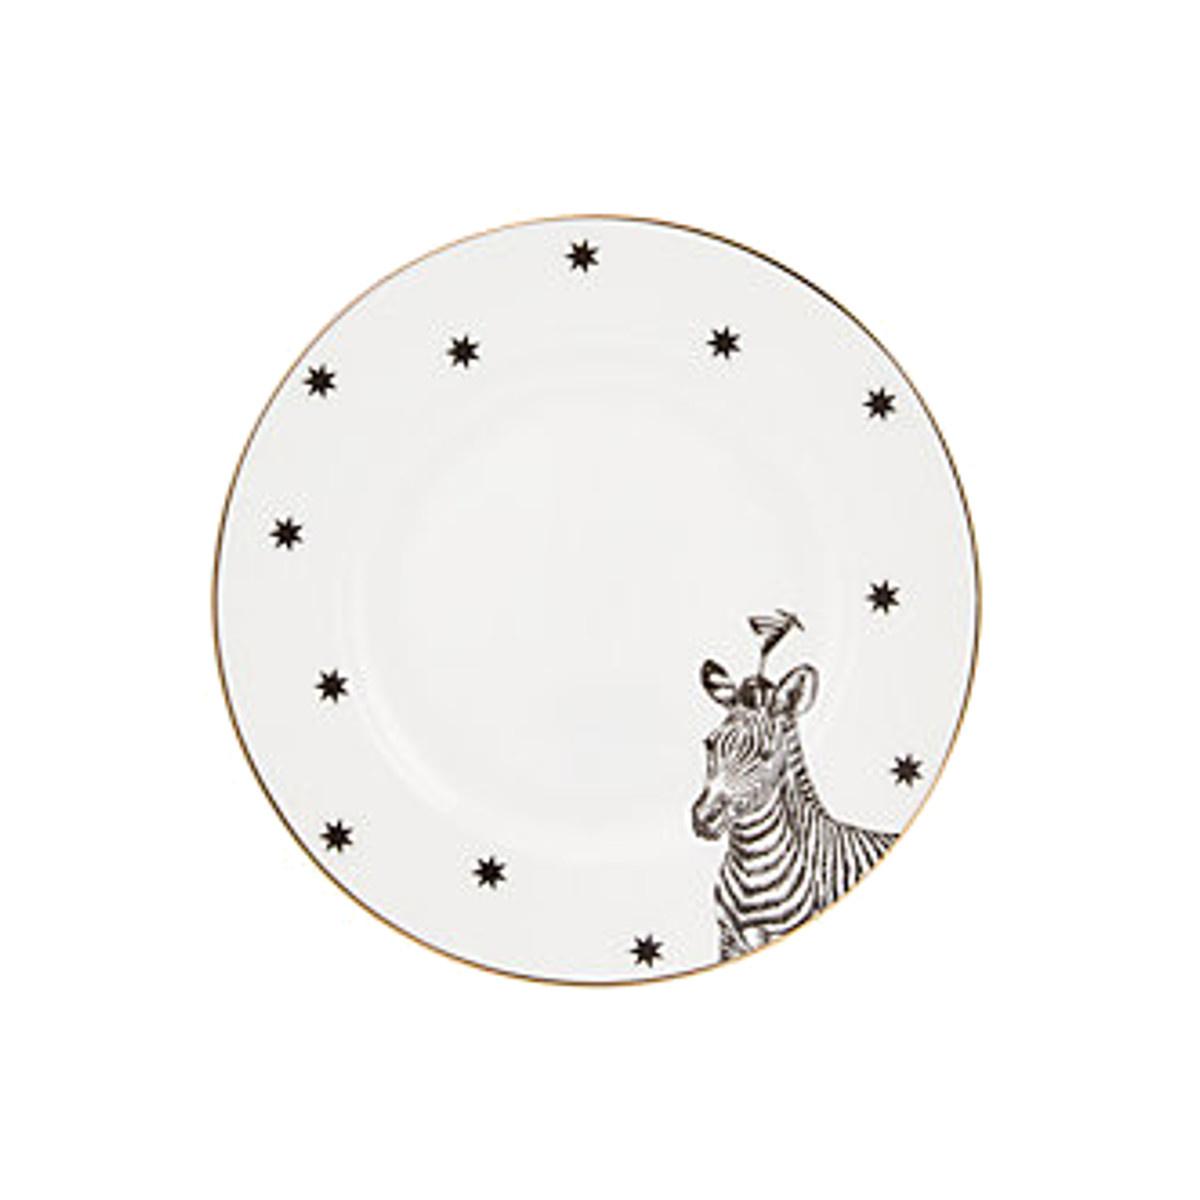 Yvonne Ellen Yvonne Ellen London Monochrome Set de 2 Assiette Ø 16 cm - Zèbre - Bone China Porcelaine